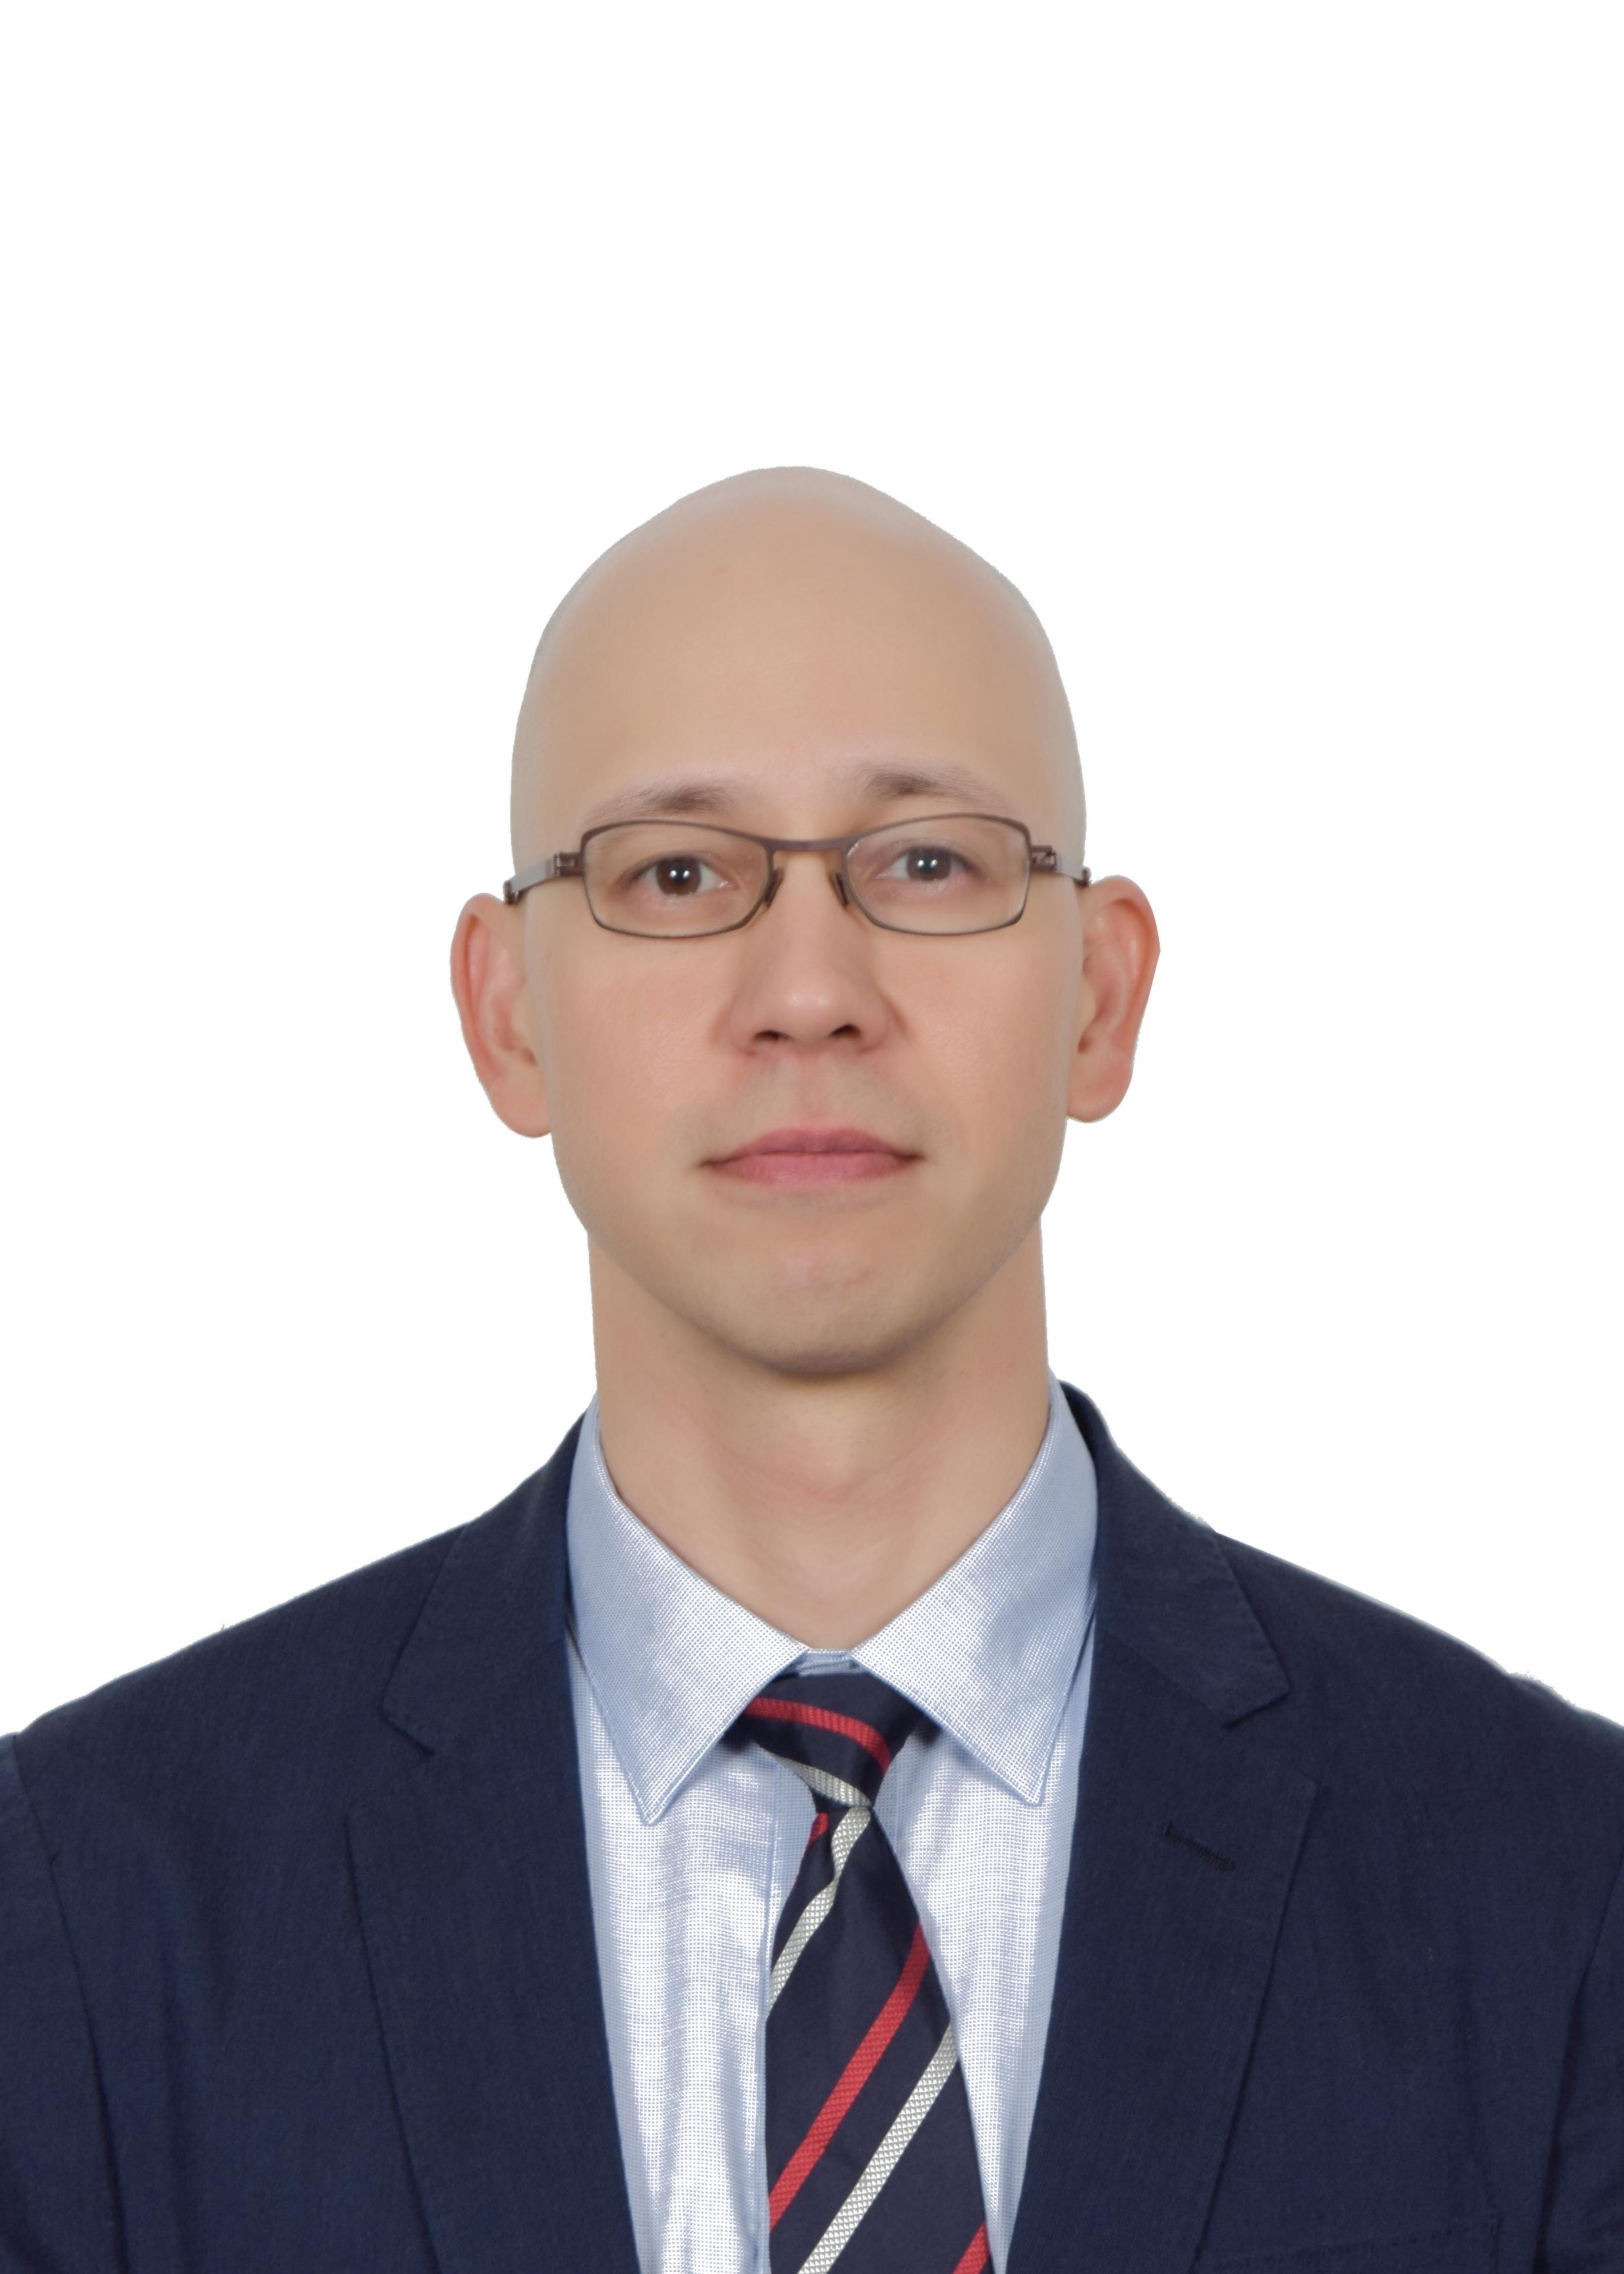 Mr. Leif Raiha